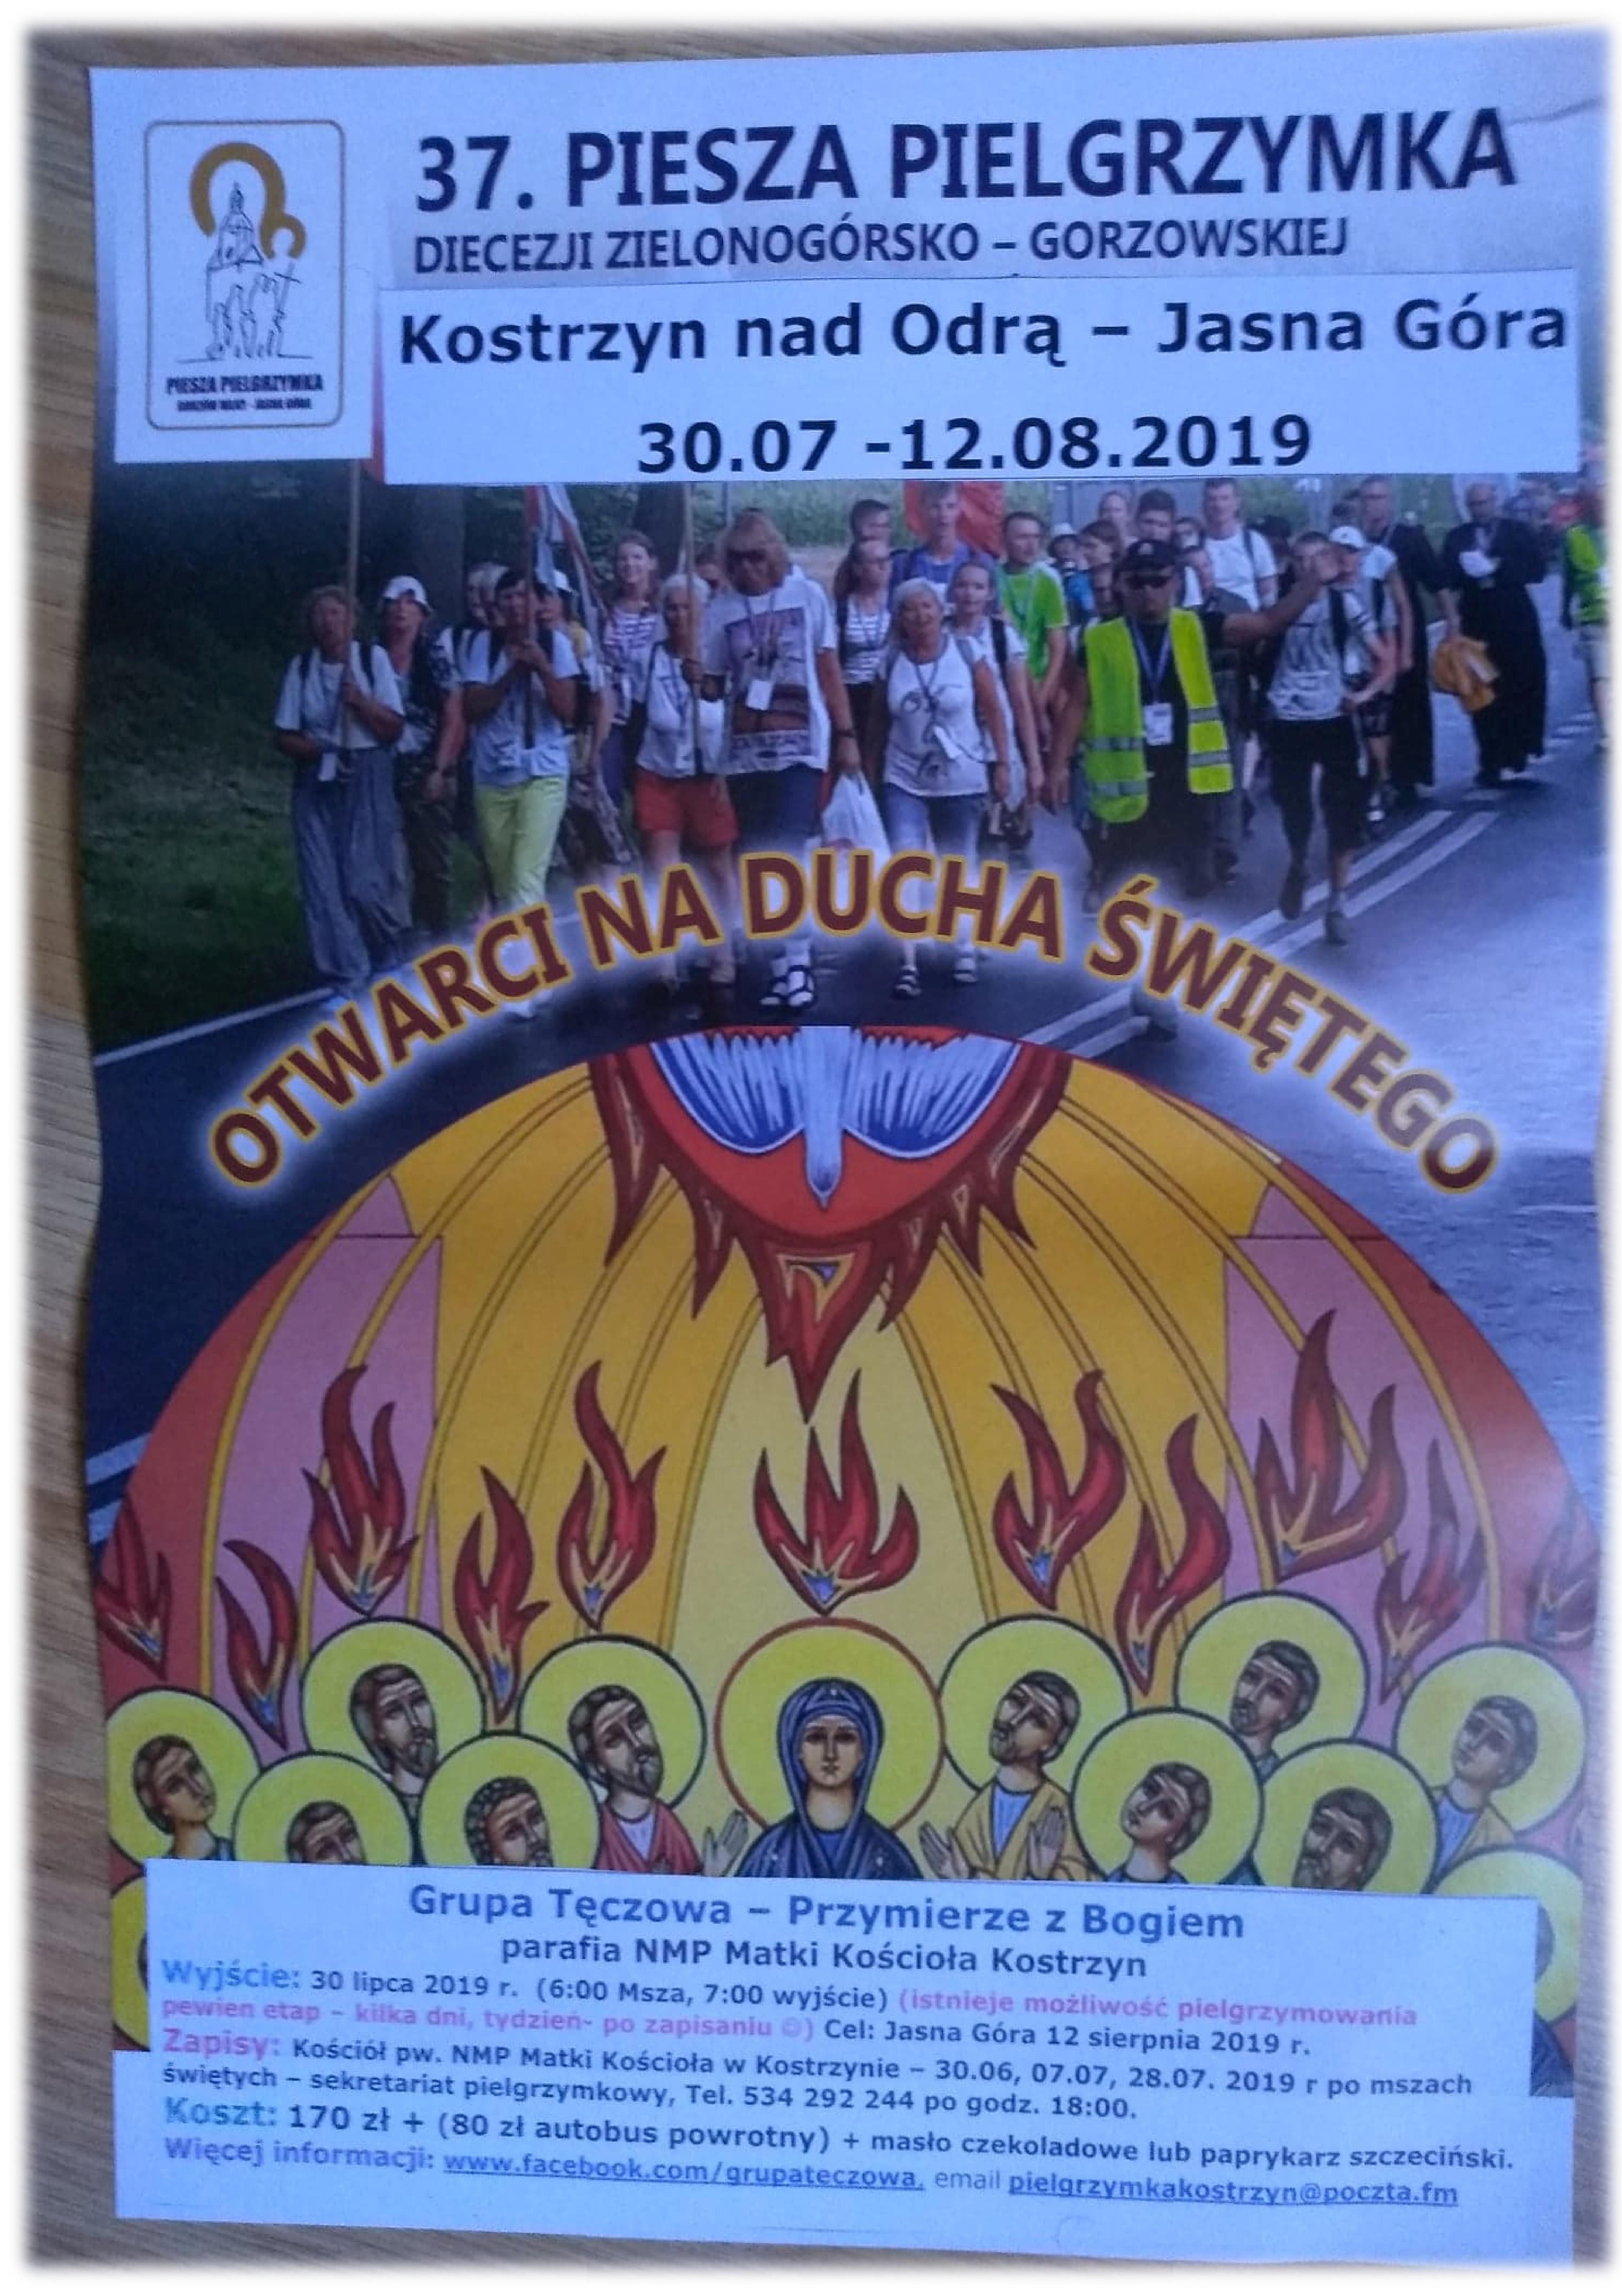 Piesza Pielgrzymka na Jasną Górę – 30 lipca – 12 sierpnia 2019 r.